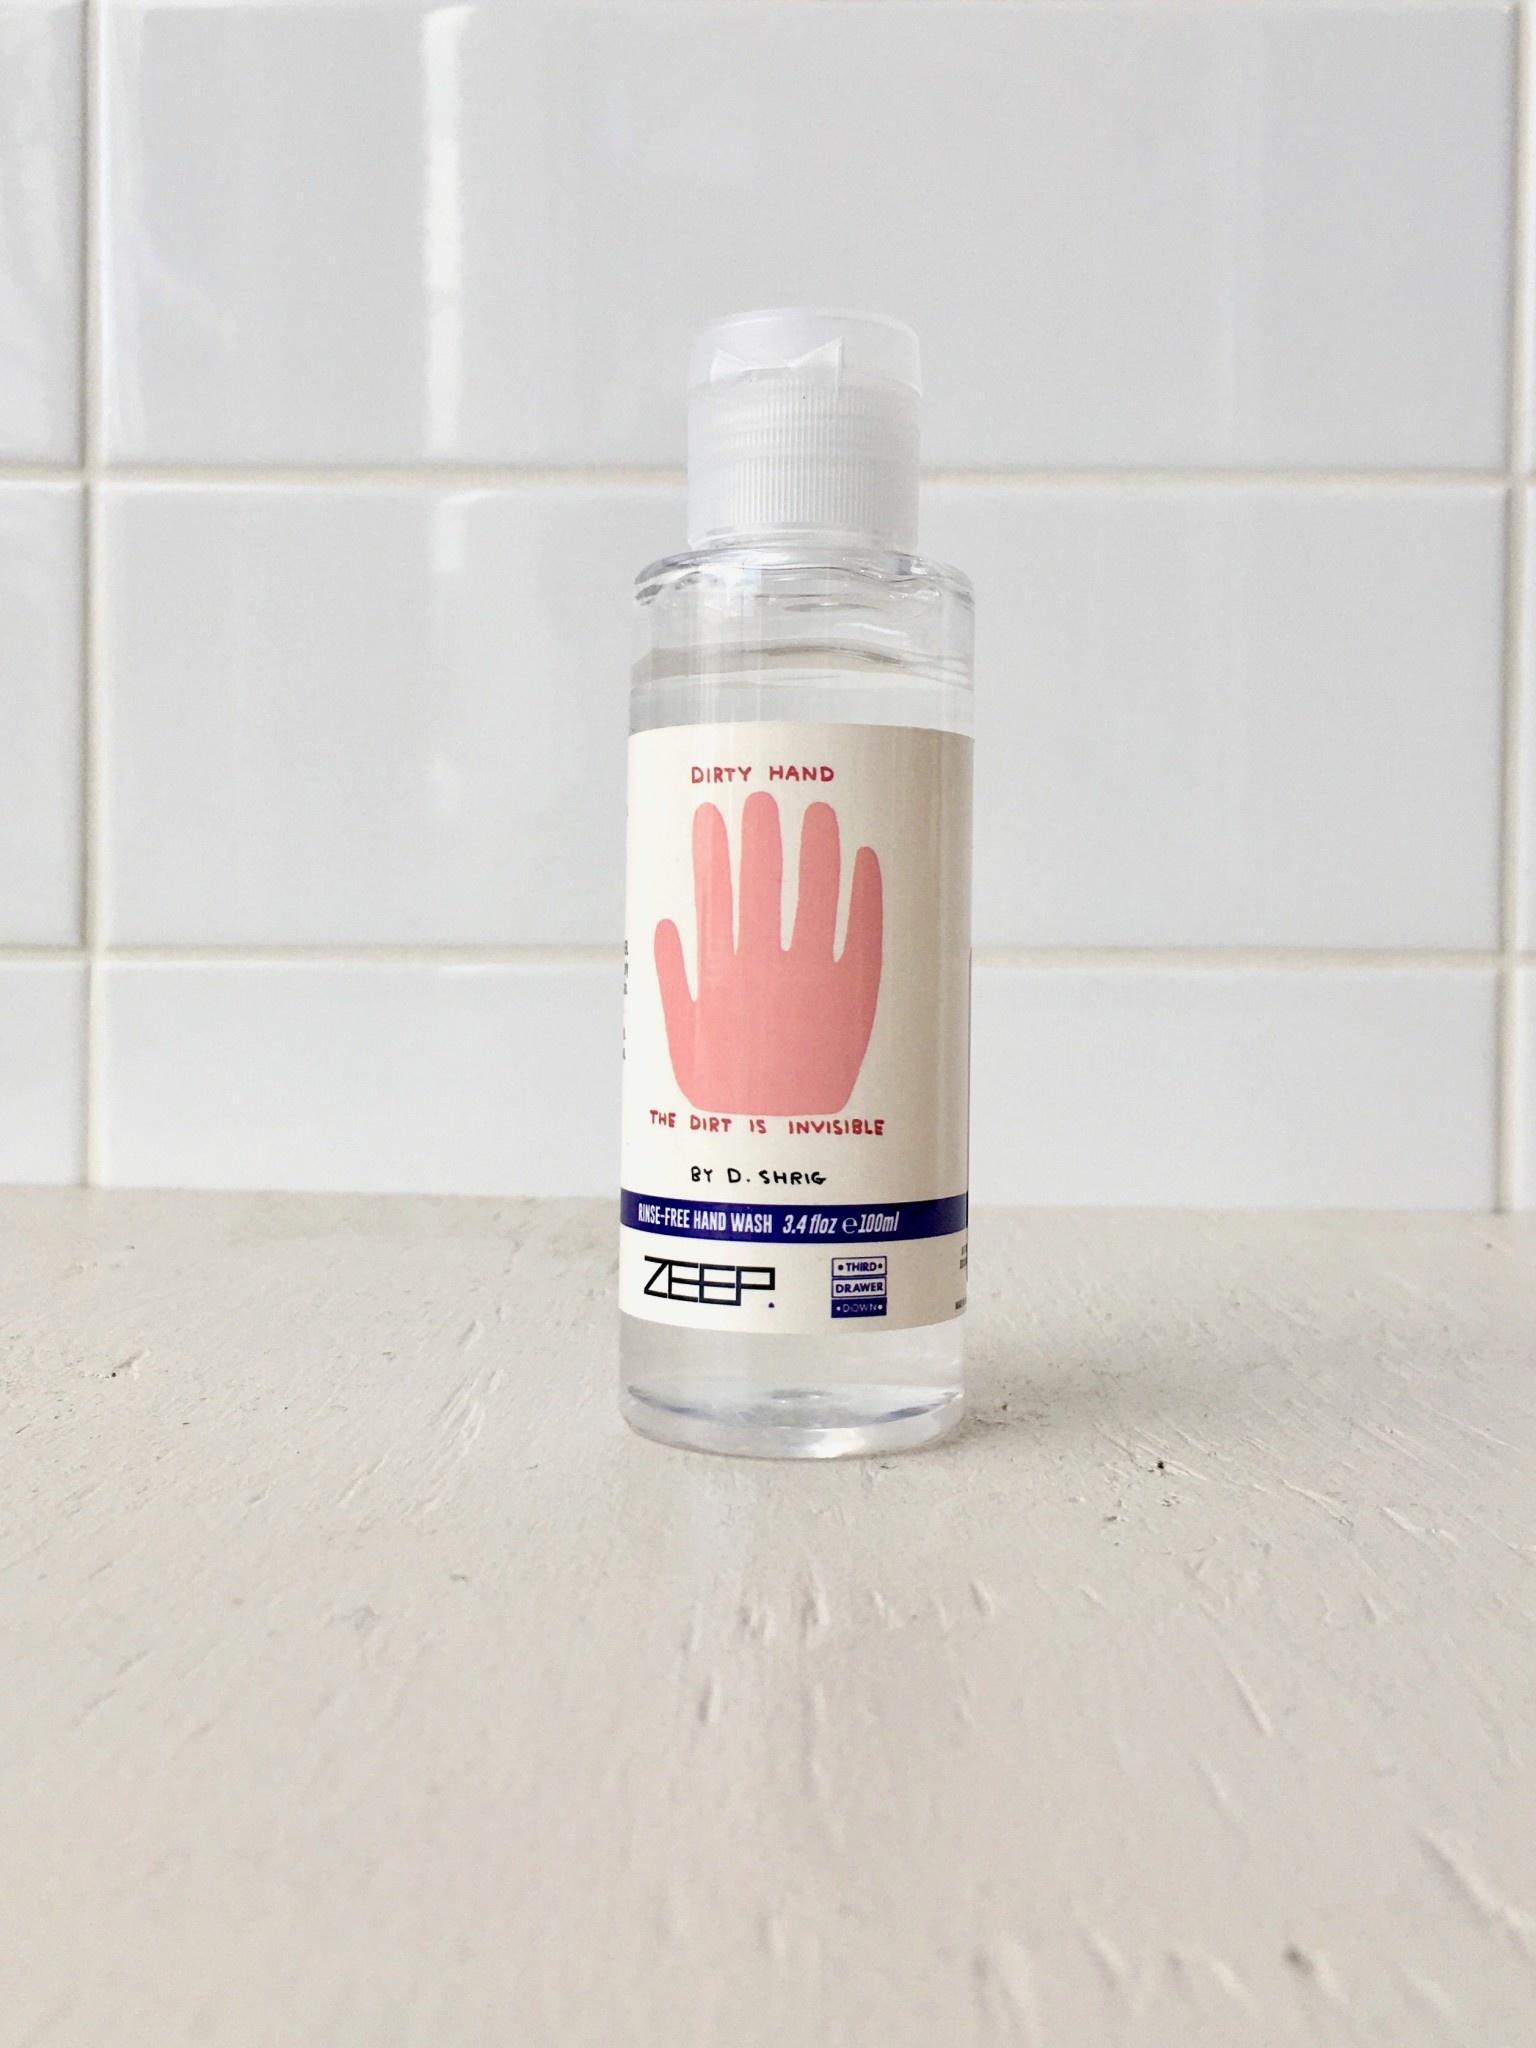 Third Drawer Down Hand Sanitizer